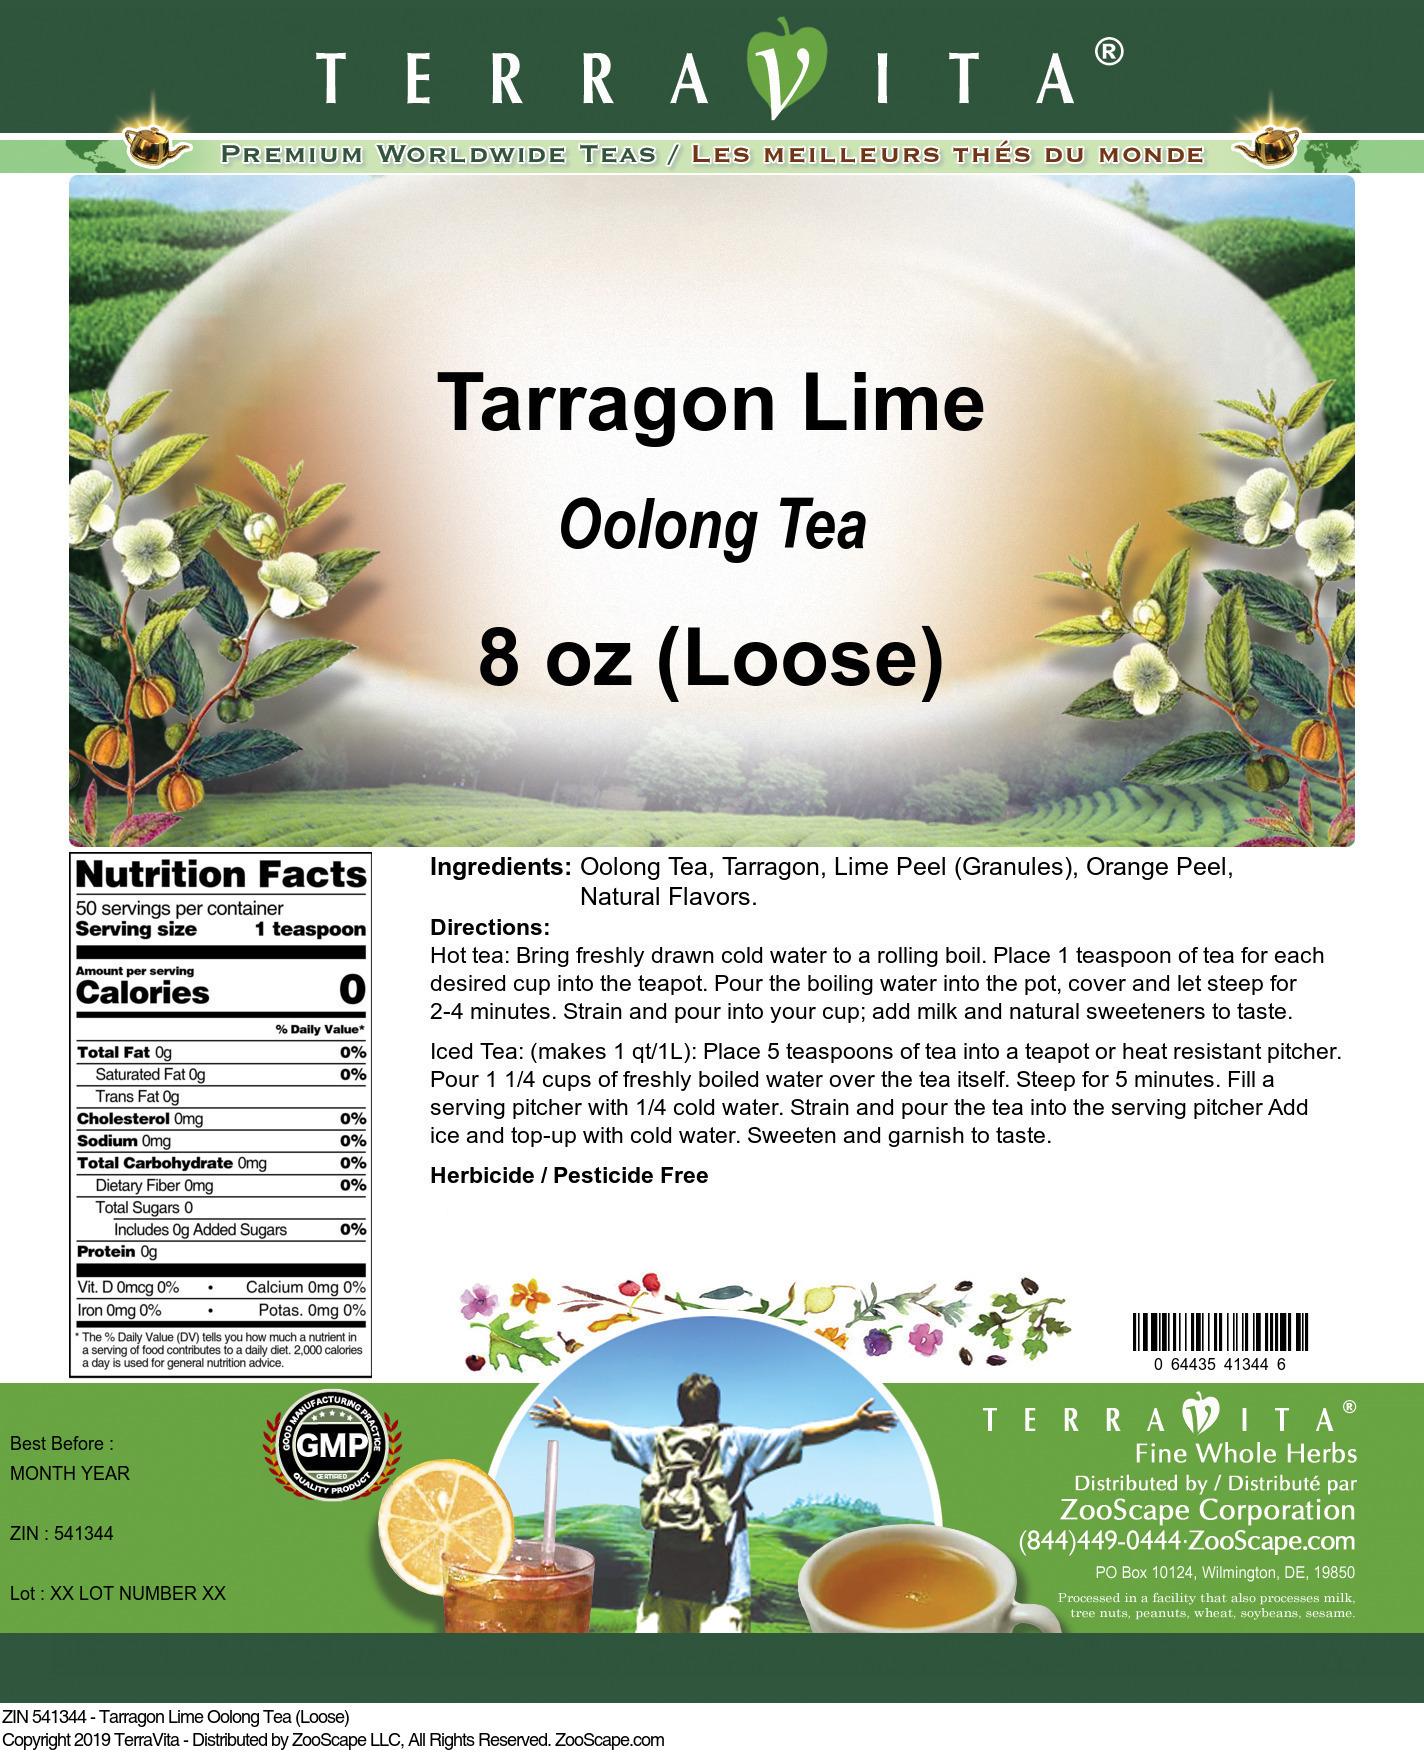 Tarragon Lime Oolong Tea